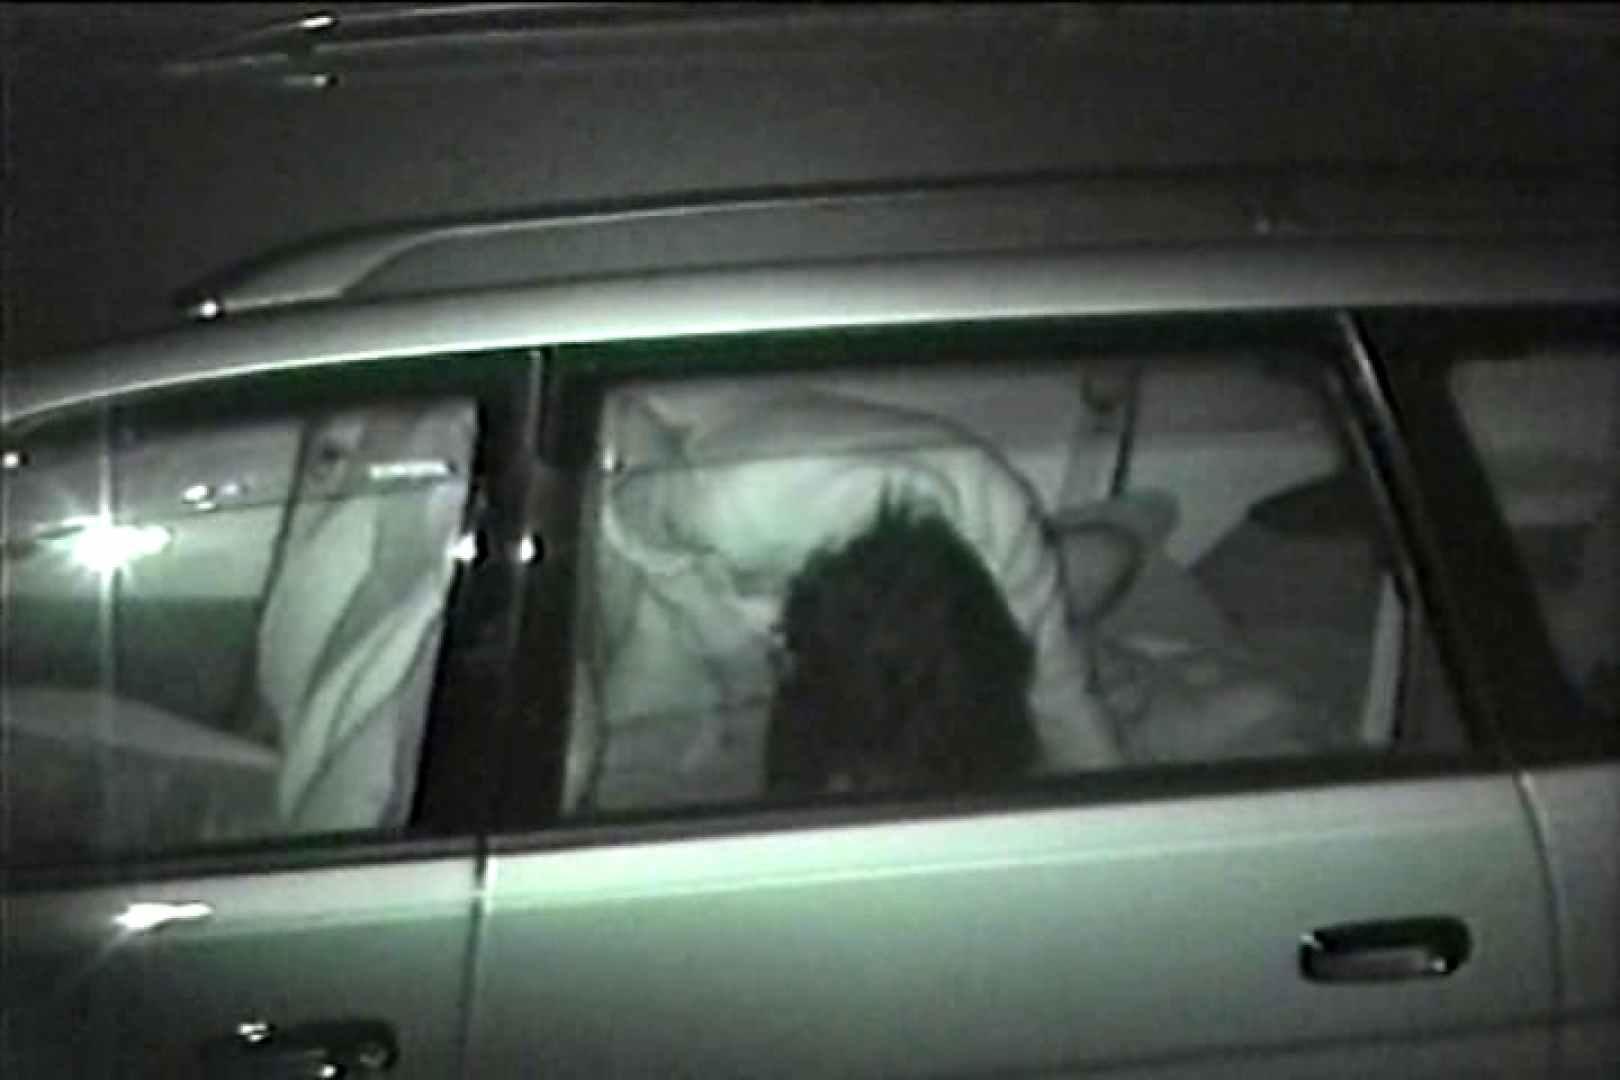 車の中はラブホテル 無修正版  Vol.7 接写 AV無料動画キャプチャ 84pic 58